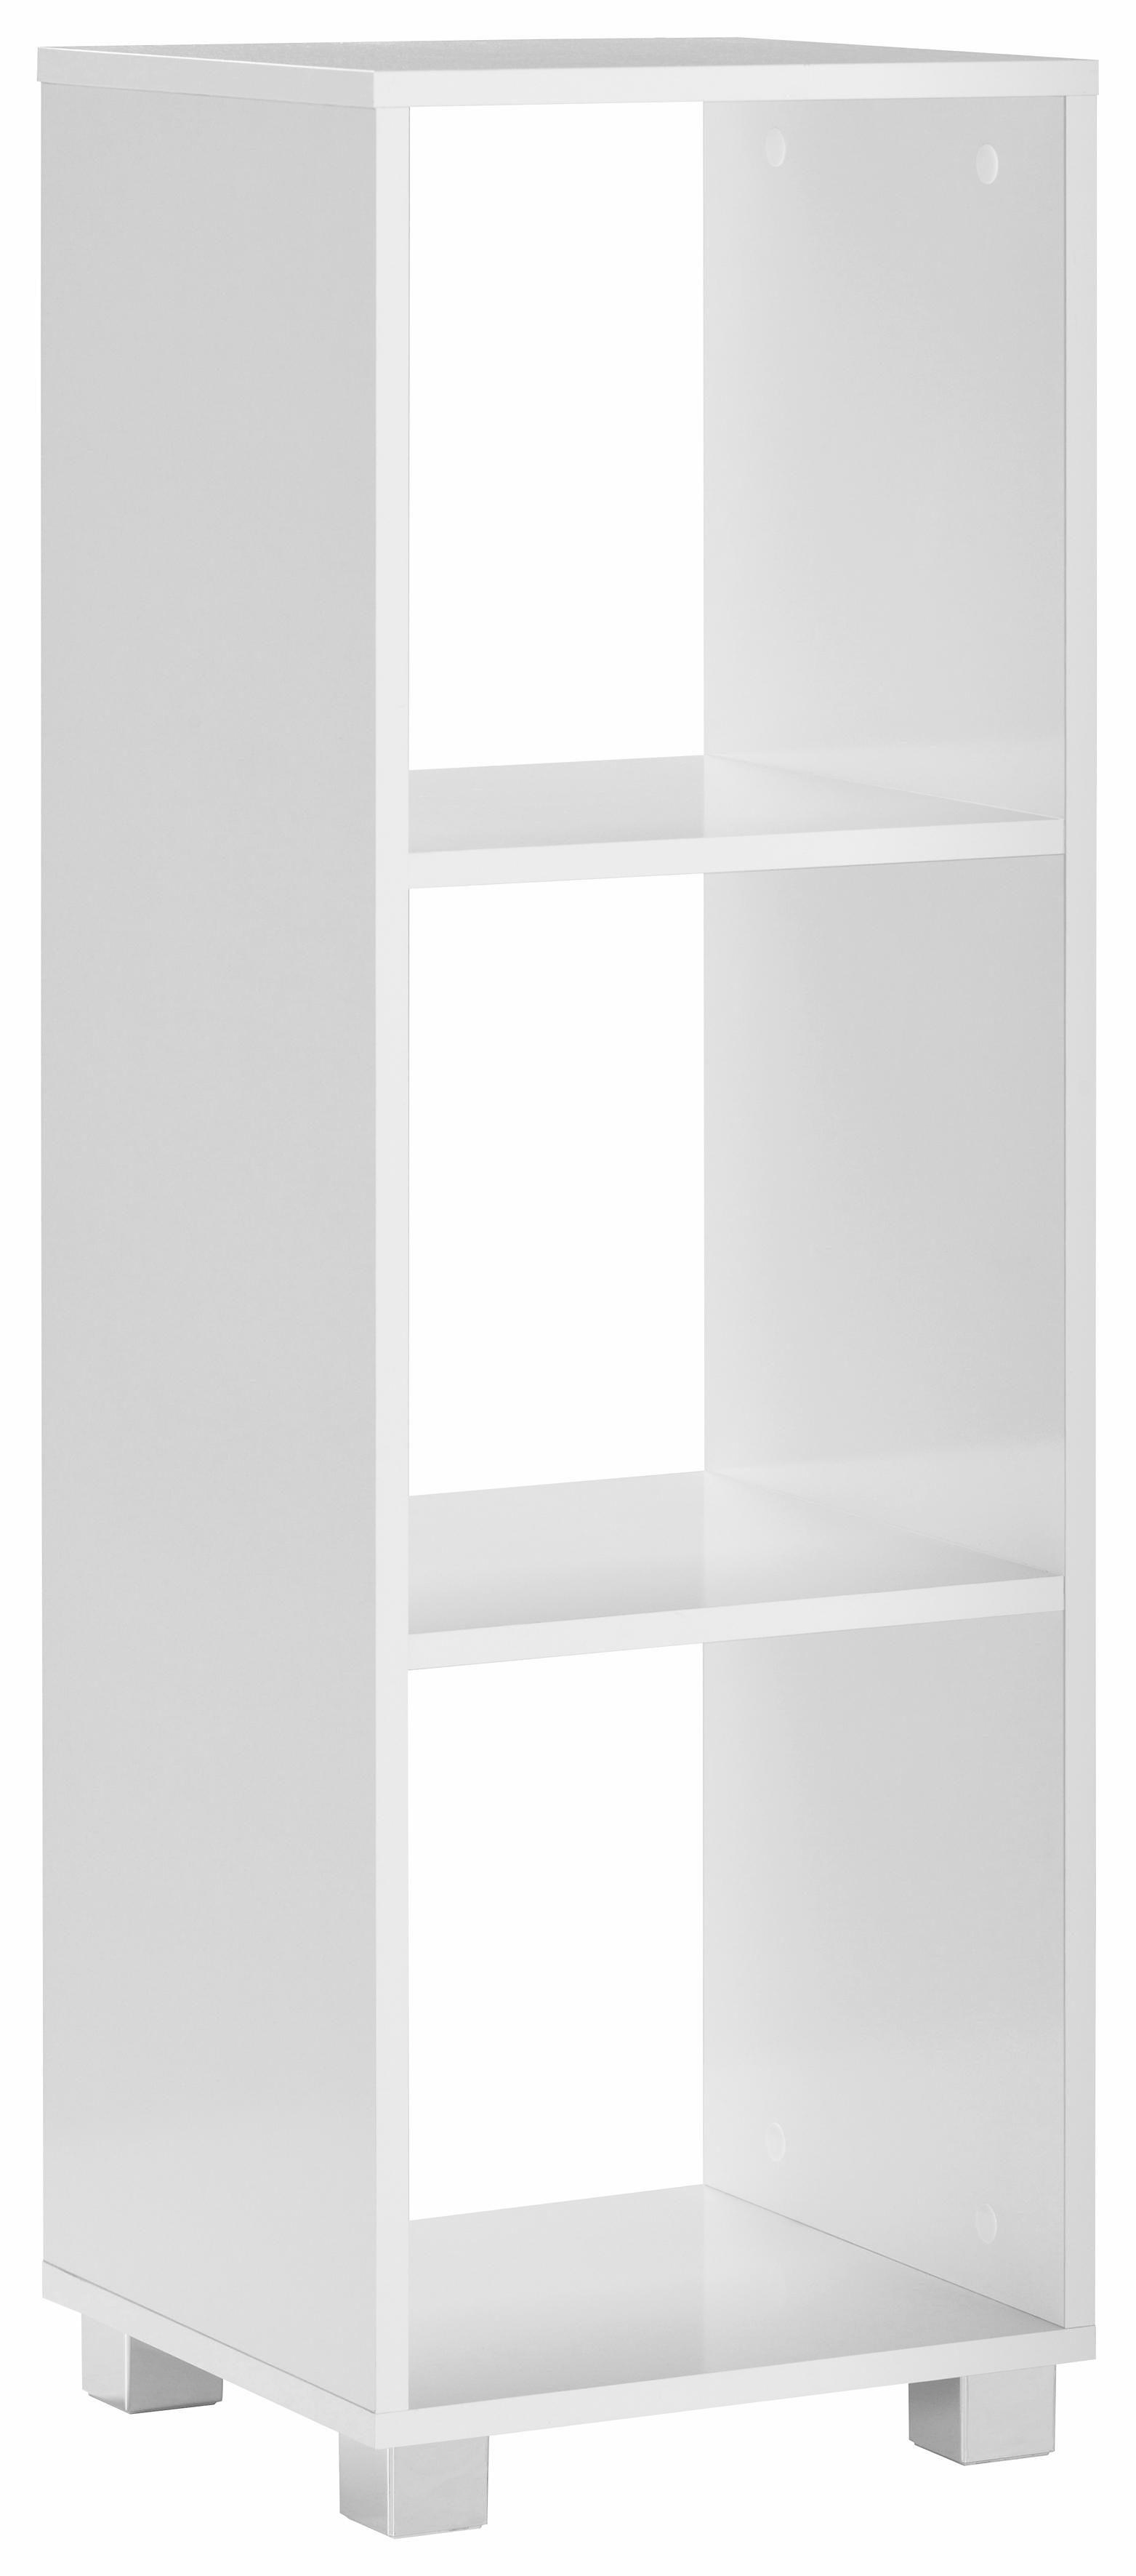 Unterschiedlich Badregal online kaufen » Badezimmer-Regal | OTTO VX36